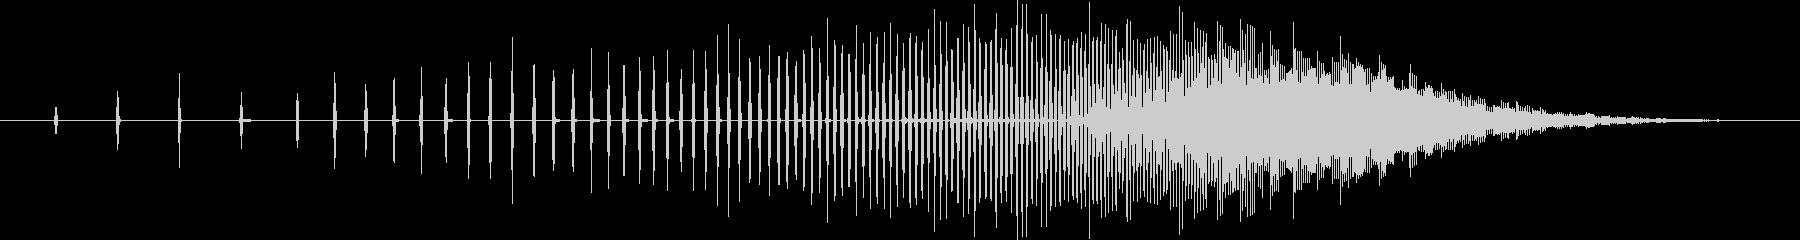 逆ジッパーシューッという音の未再生の波形